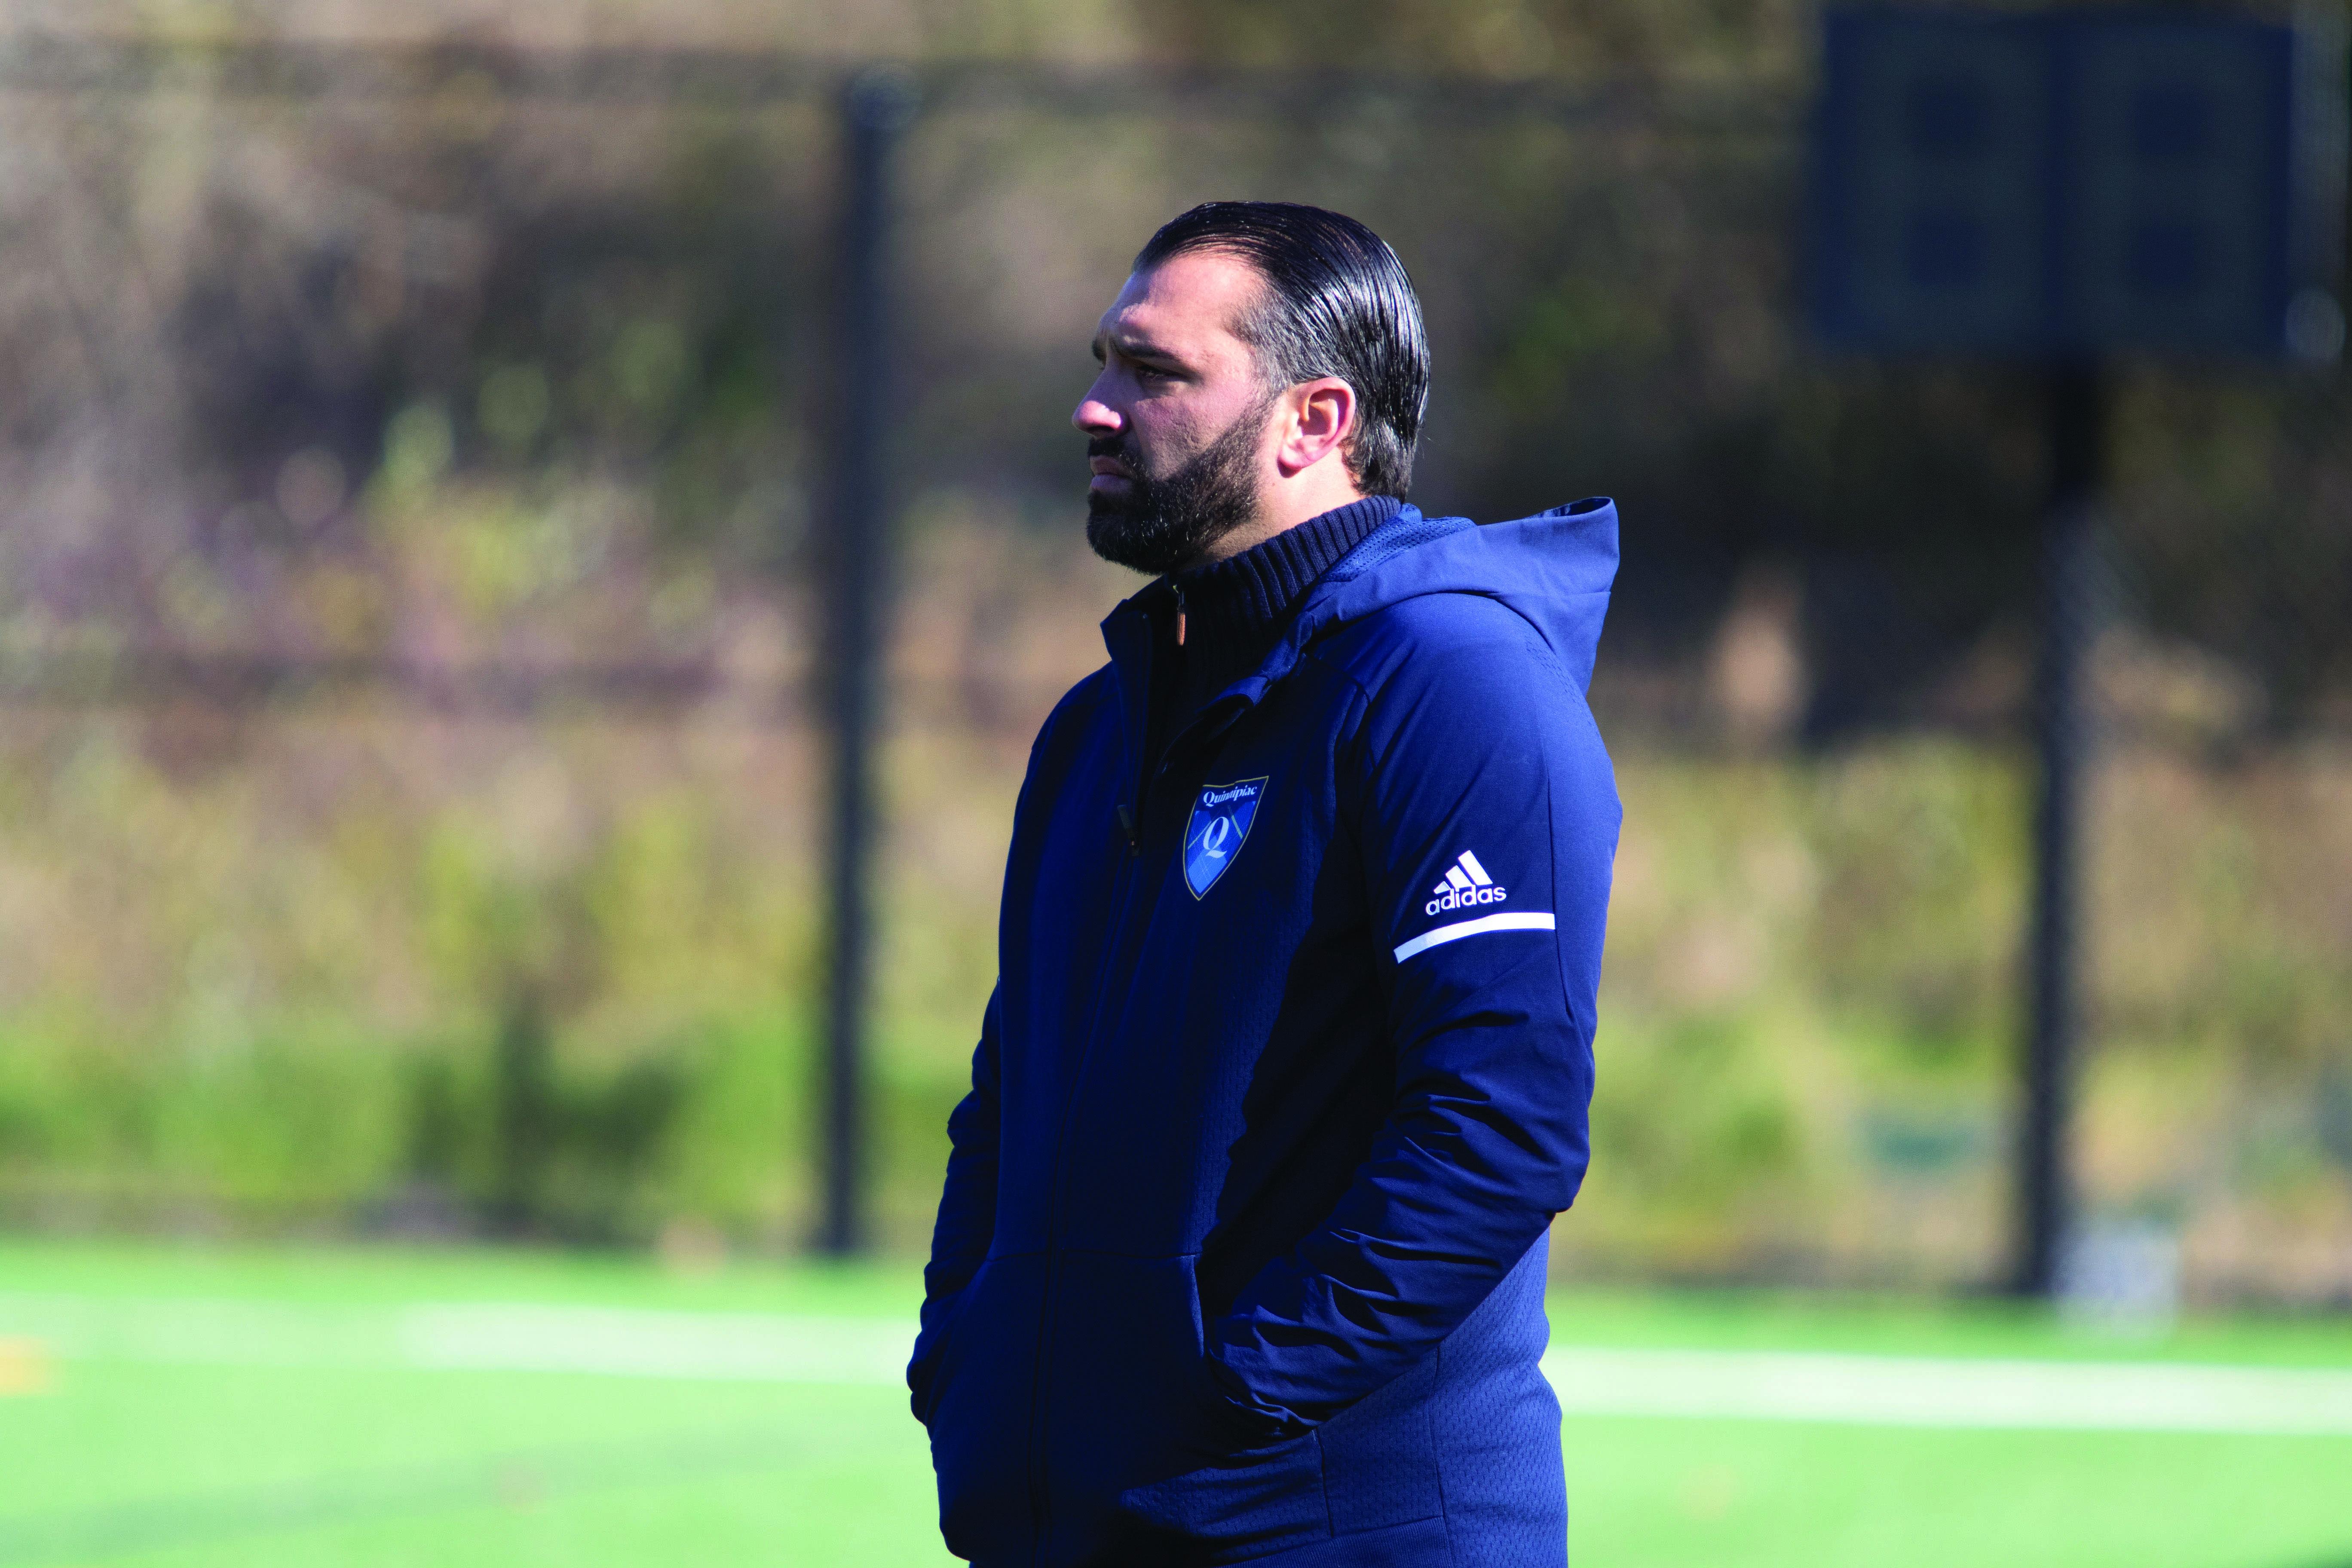 Quinnipiac head coach Eric Da Costa looks on as his team battles on the field.